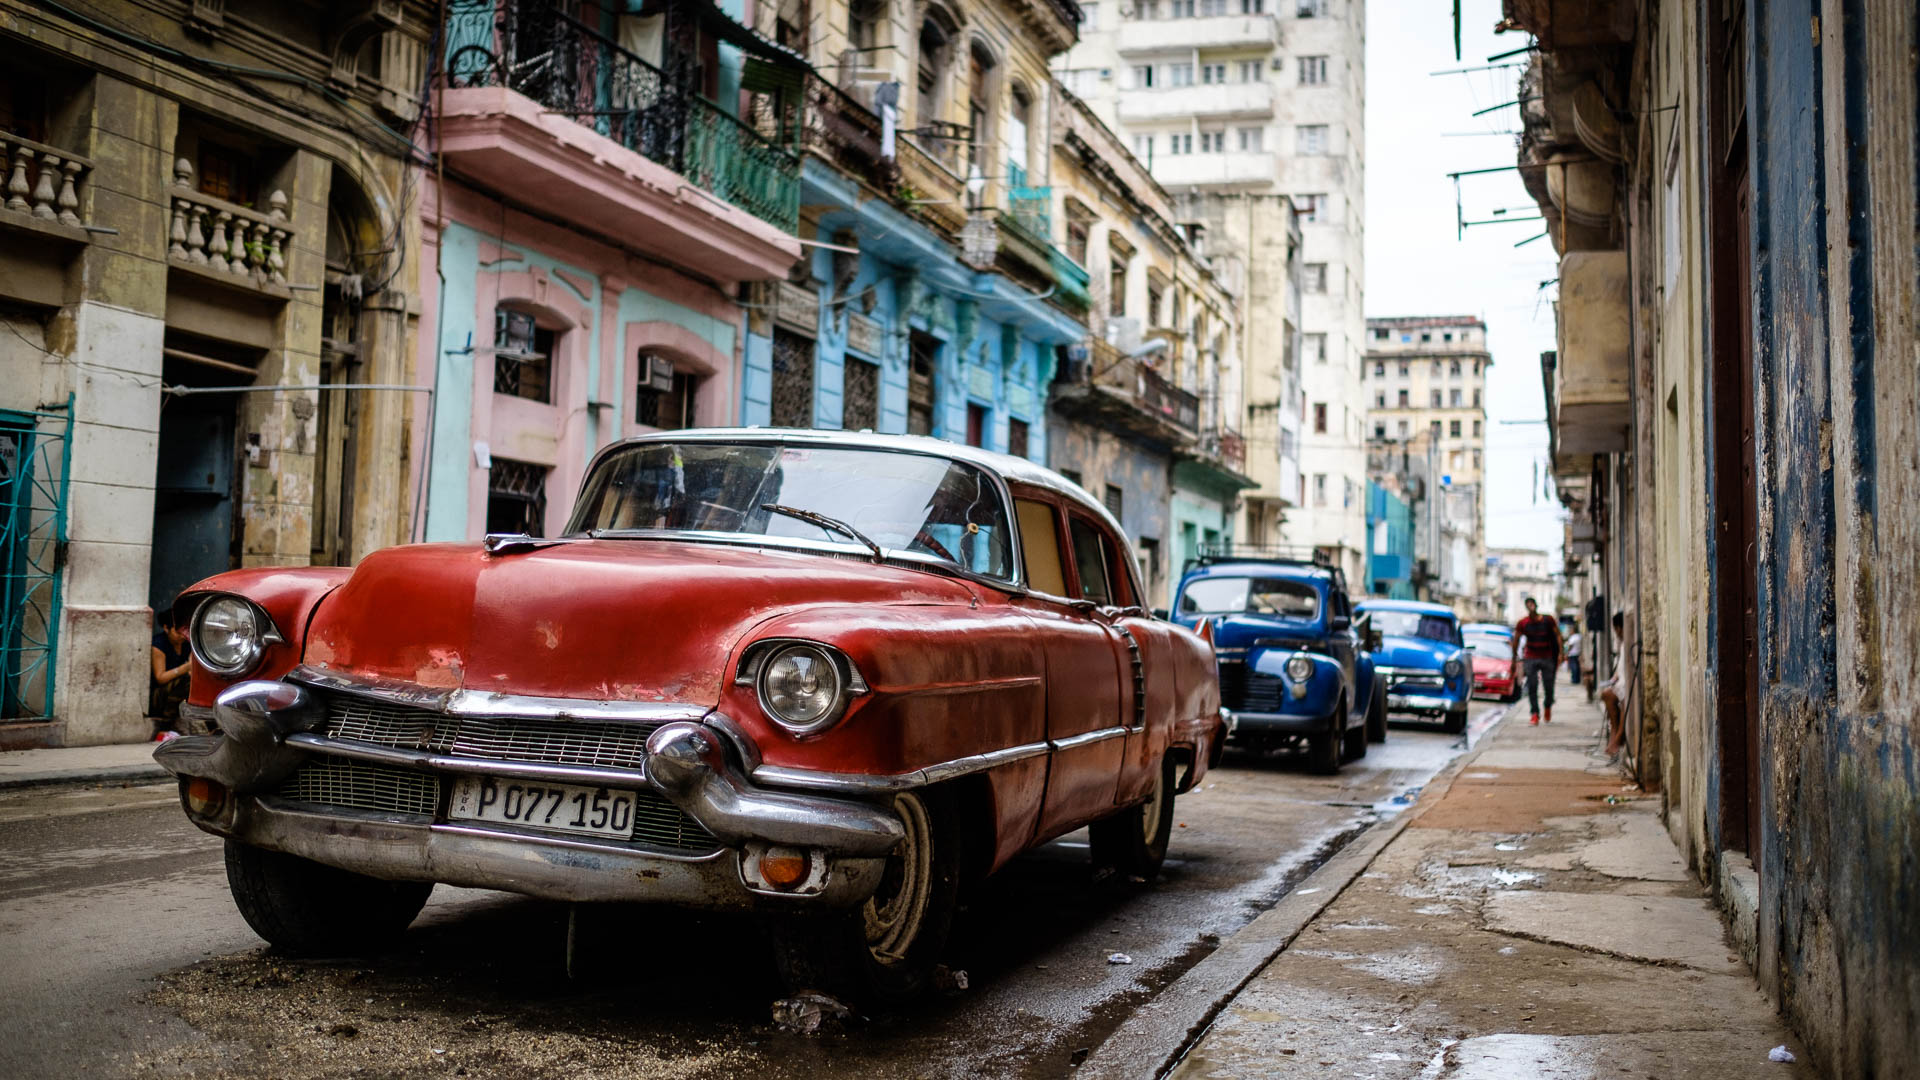 180427-Havana-77-1080.jpg